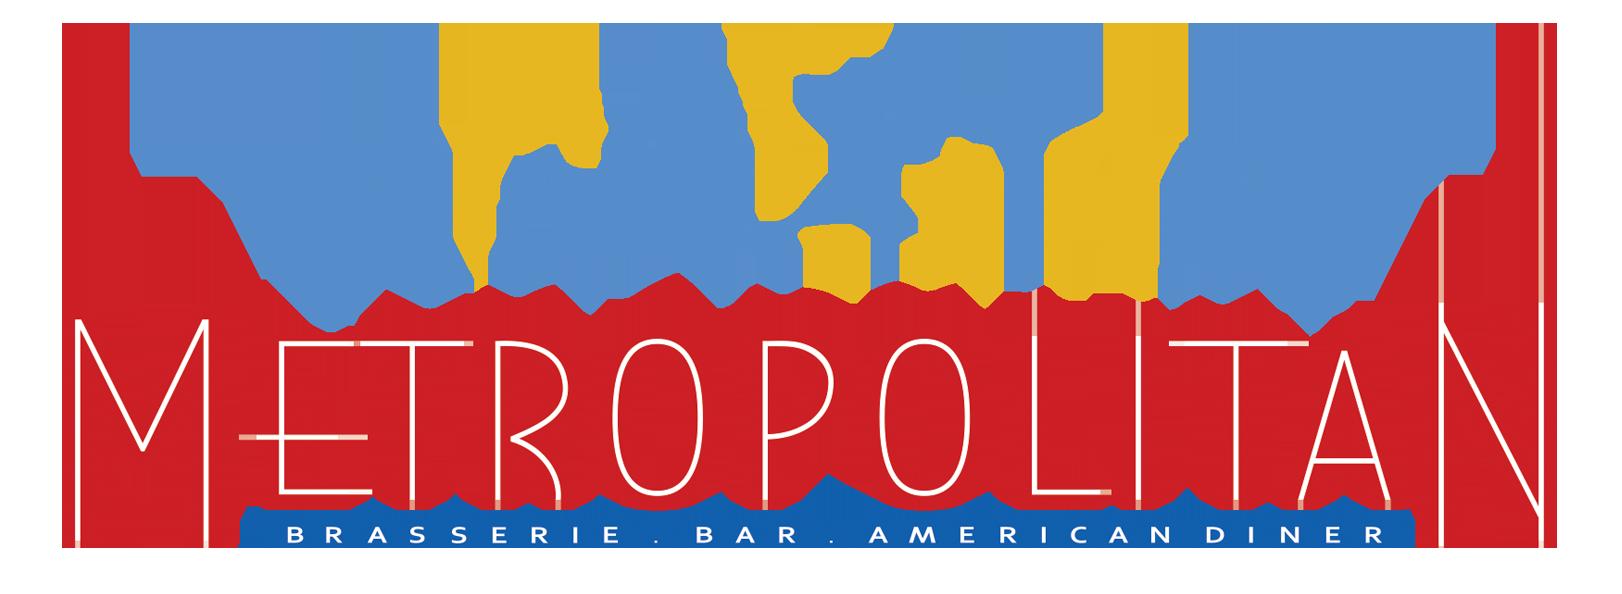 metropolotan logo